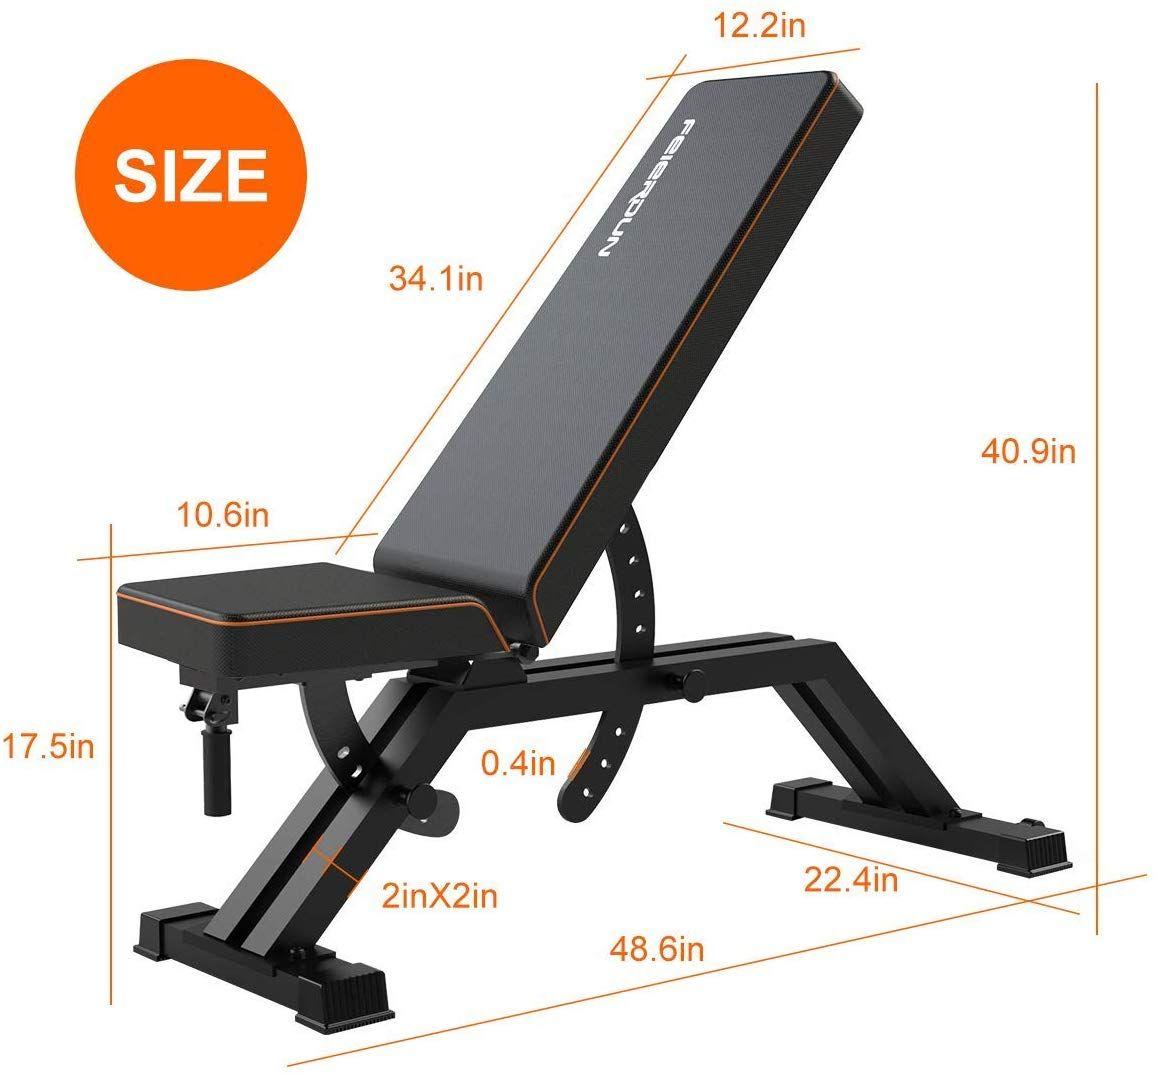 Amazon Com Feierdun Weight Bench Adjustable Heavy Duty Utility Workout Bench Home Gym Ex Aparelho De Musculacao Equipamentos De Fitness Aparelho Musculacao